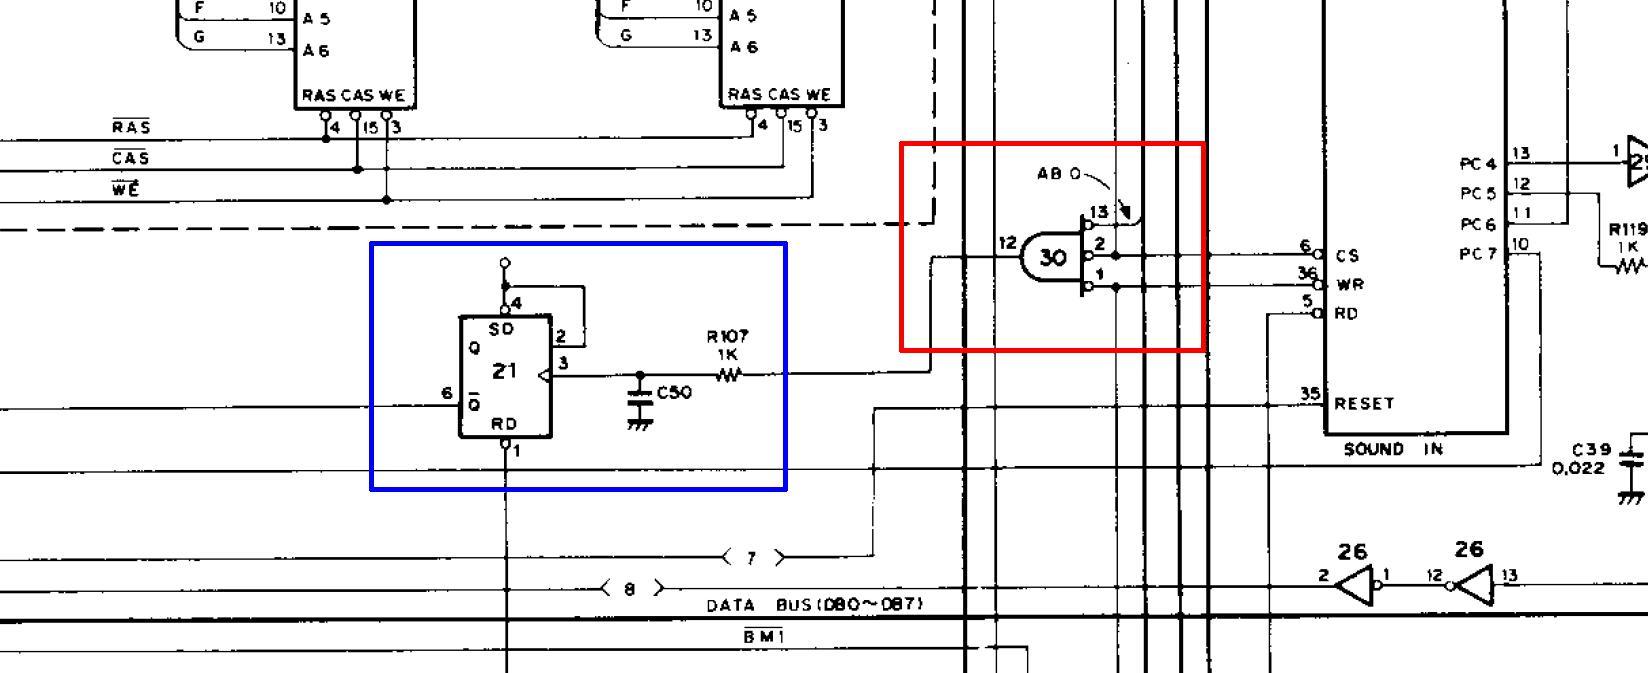 Parte dello schema con IC30 e IC21